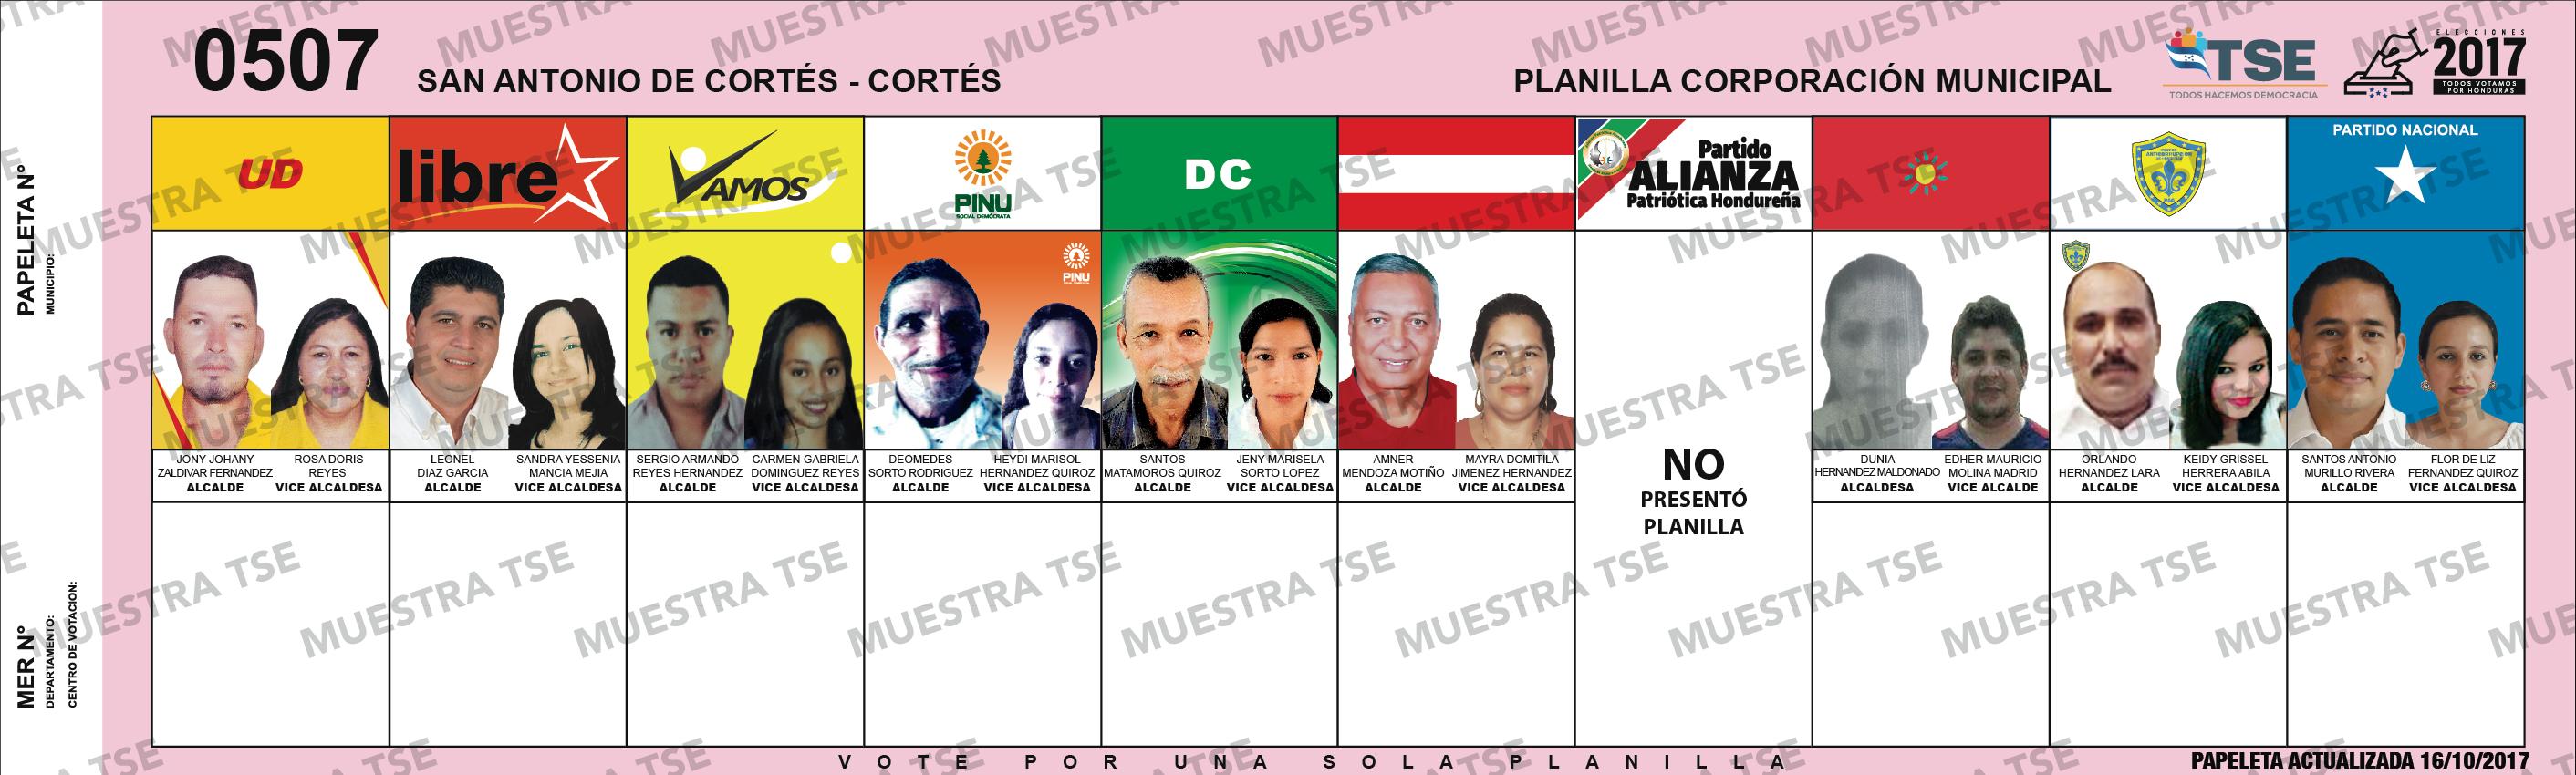 PAPELETA ELECTORAL - SAN ANTONIO DE CORTES